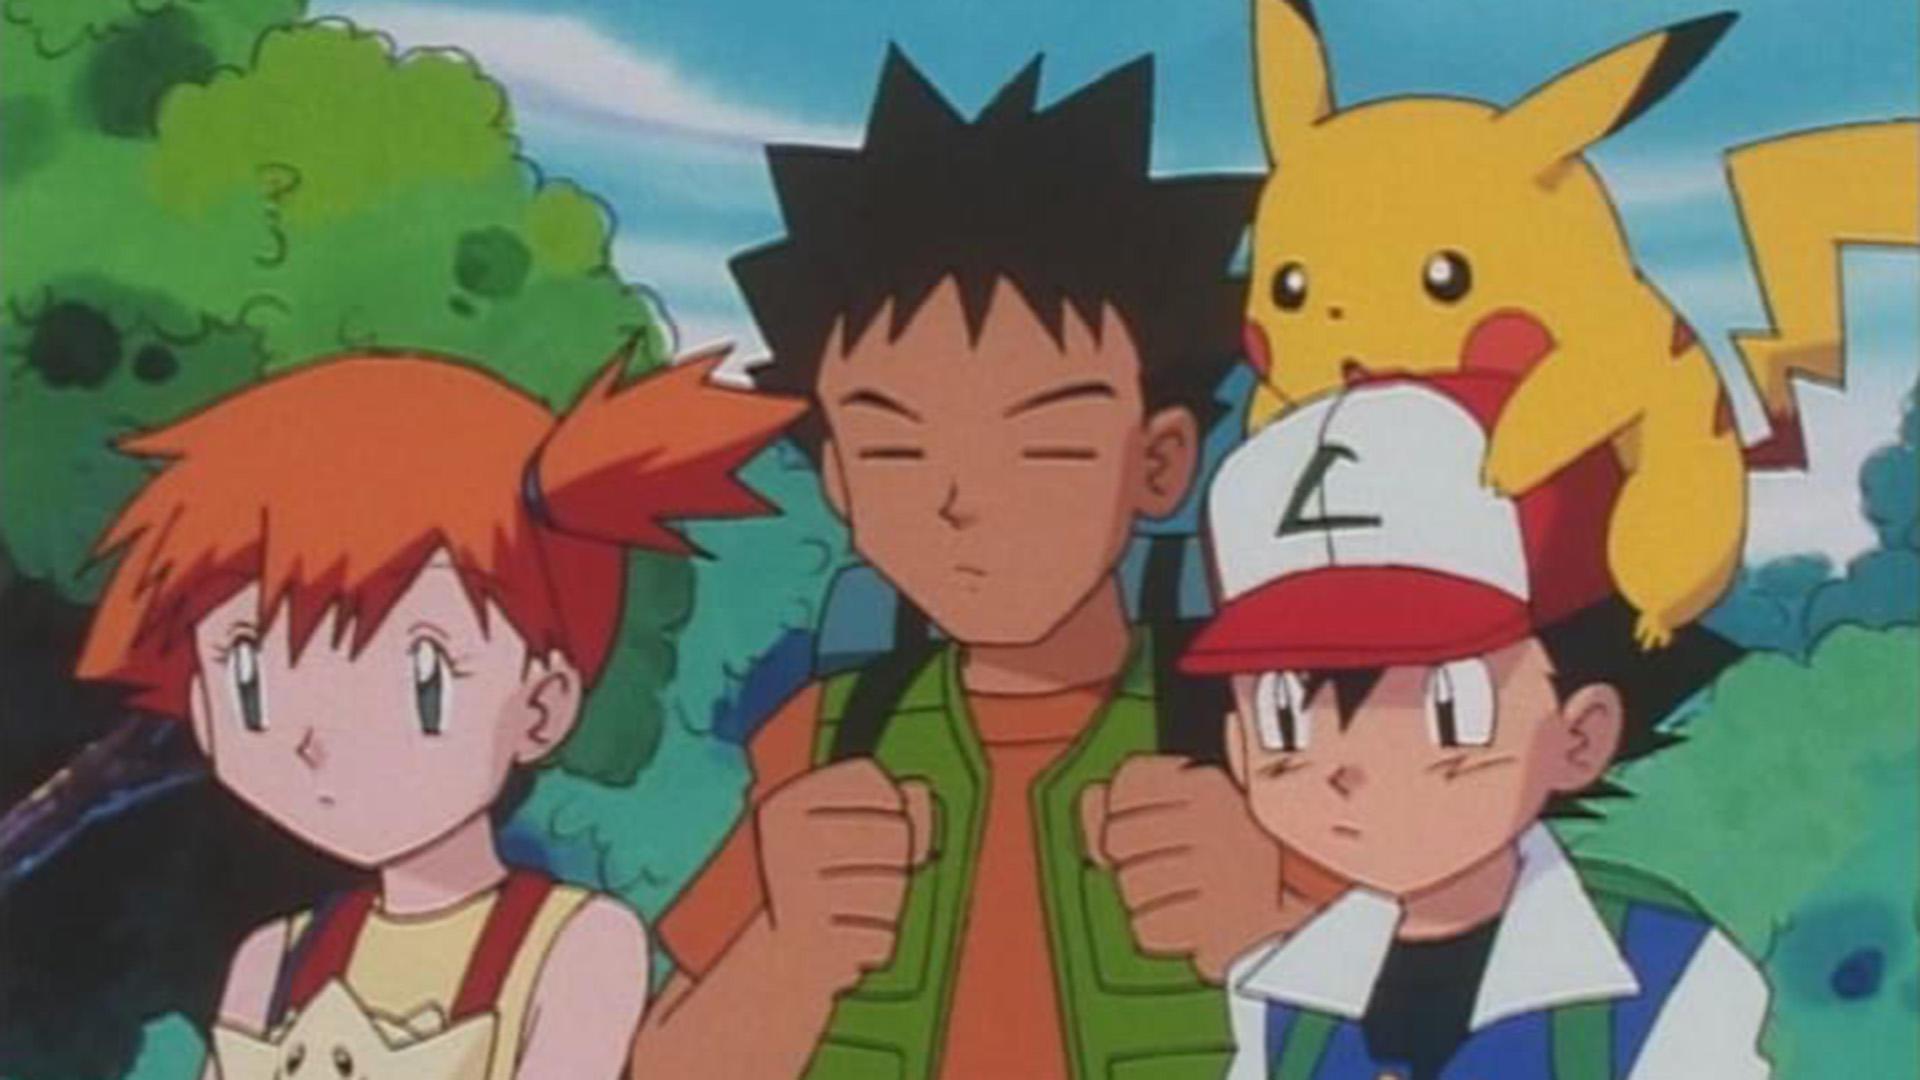 Folge 151 vom 29.06.2020 | Pokémon: Die Johto Reisen / 3 | Staffel 3